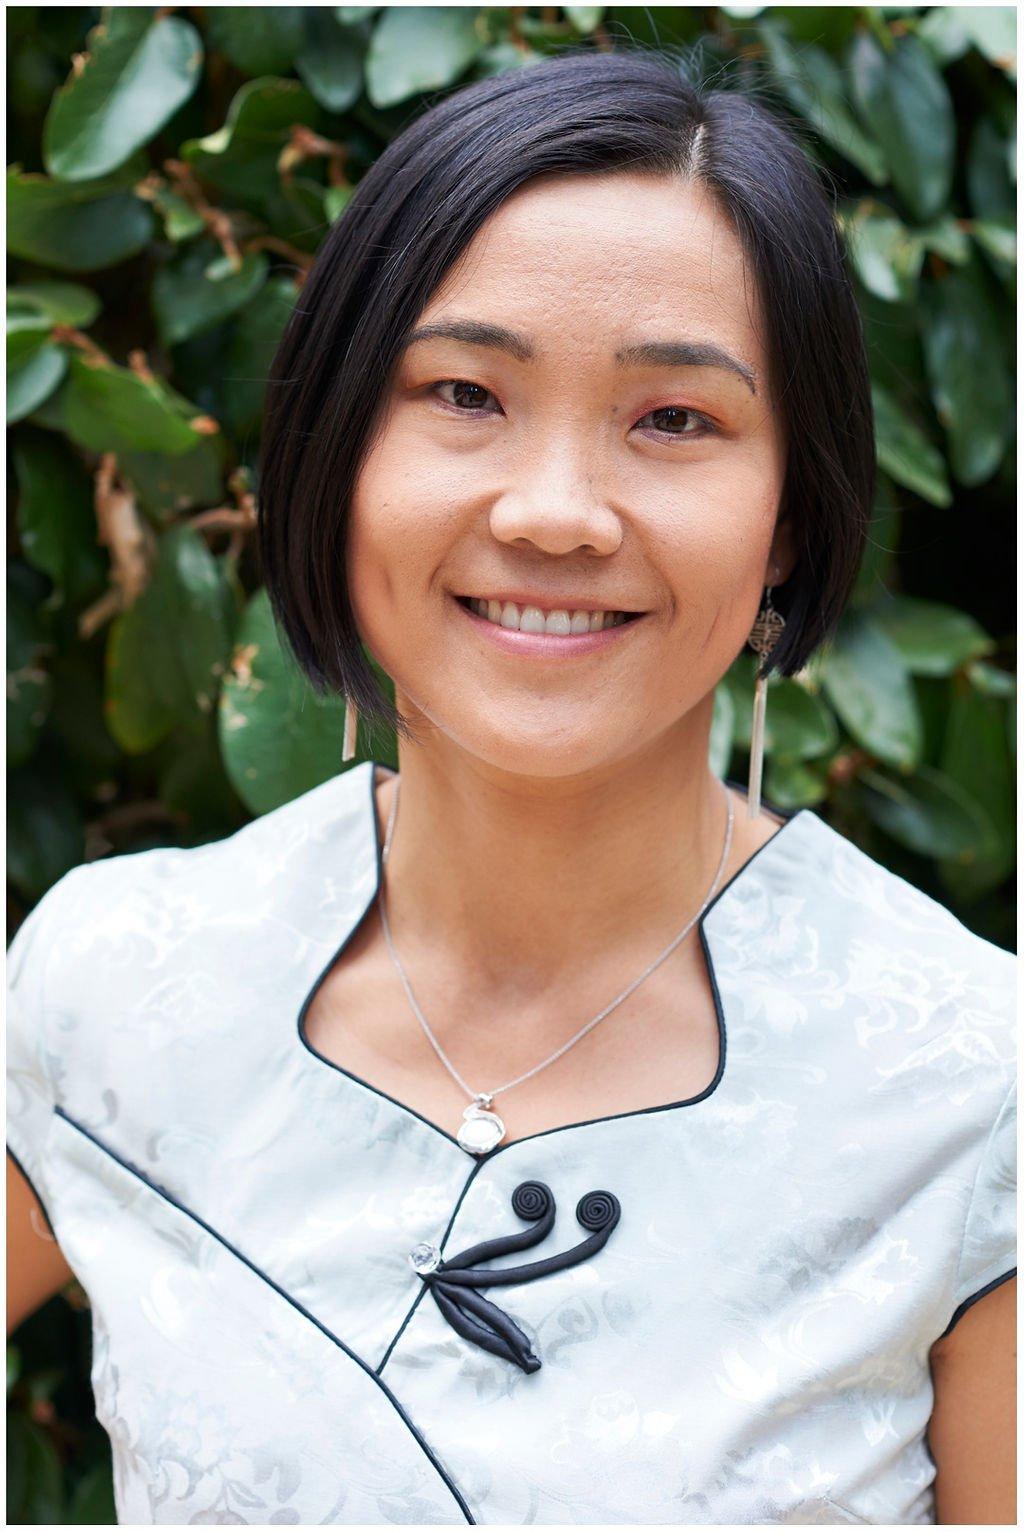 Lucia Dong Wang